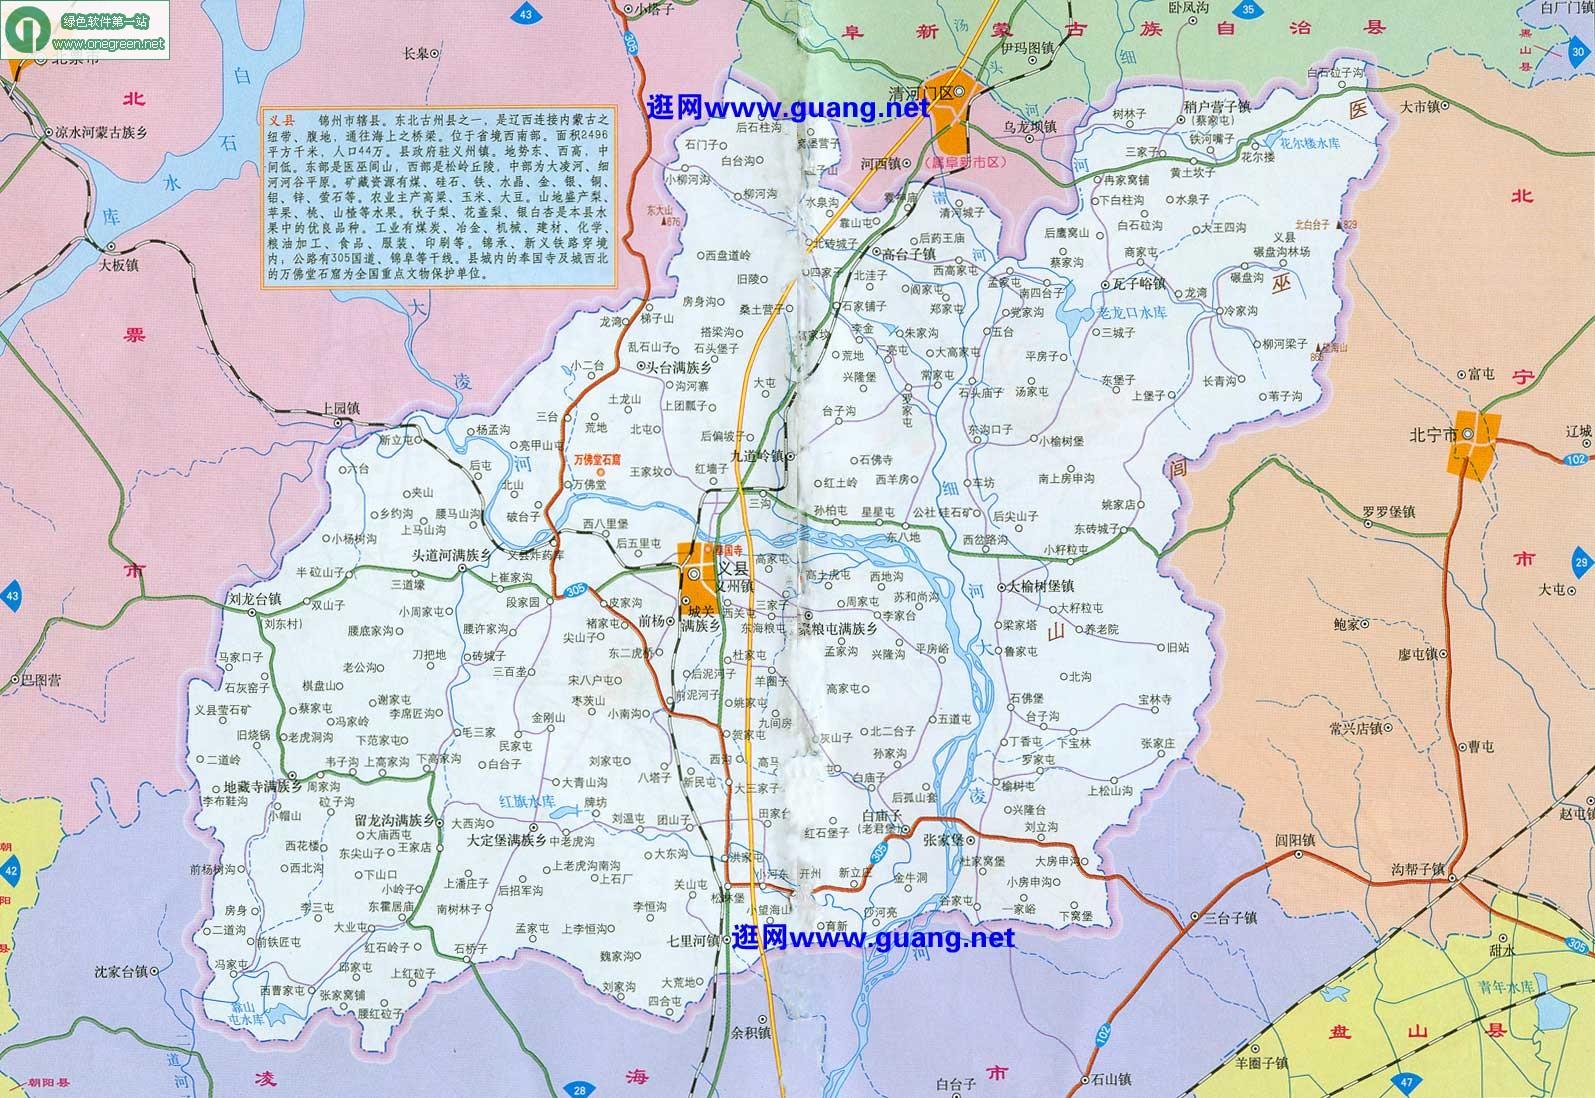 大榆树堡,张家堡,高台子,前杨,七里河等乡镇的部分村.